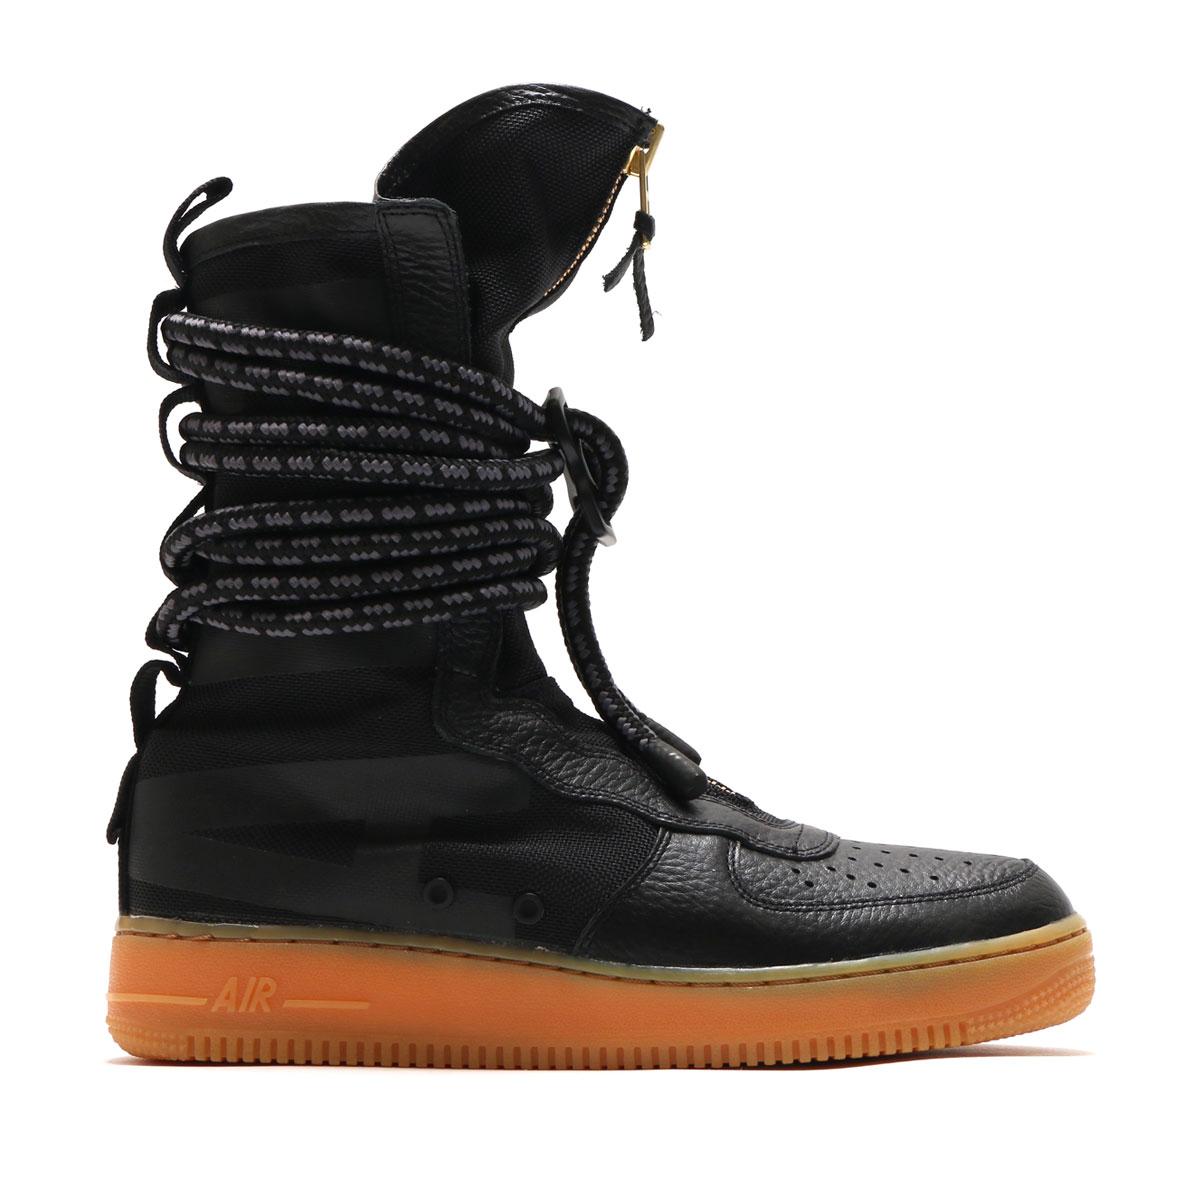 air force 1 sf high black nz